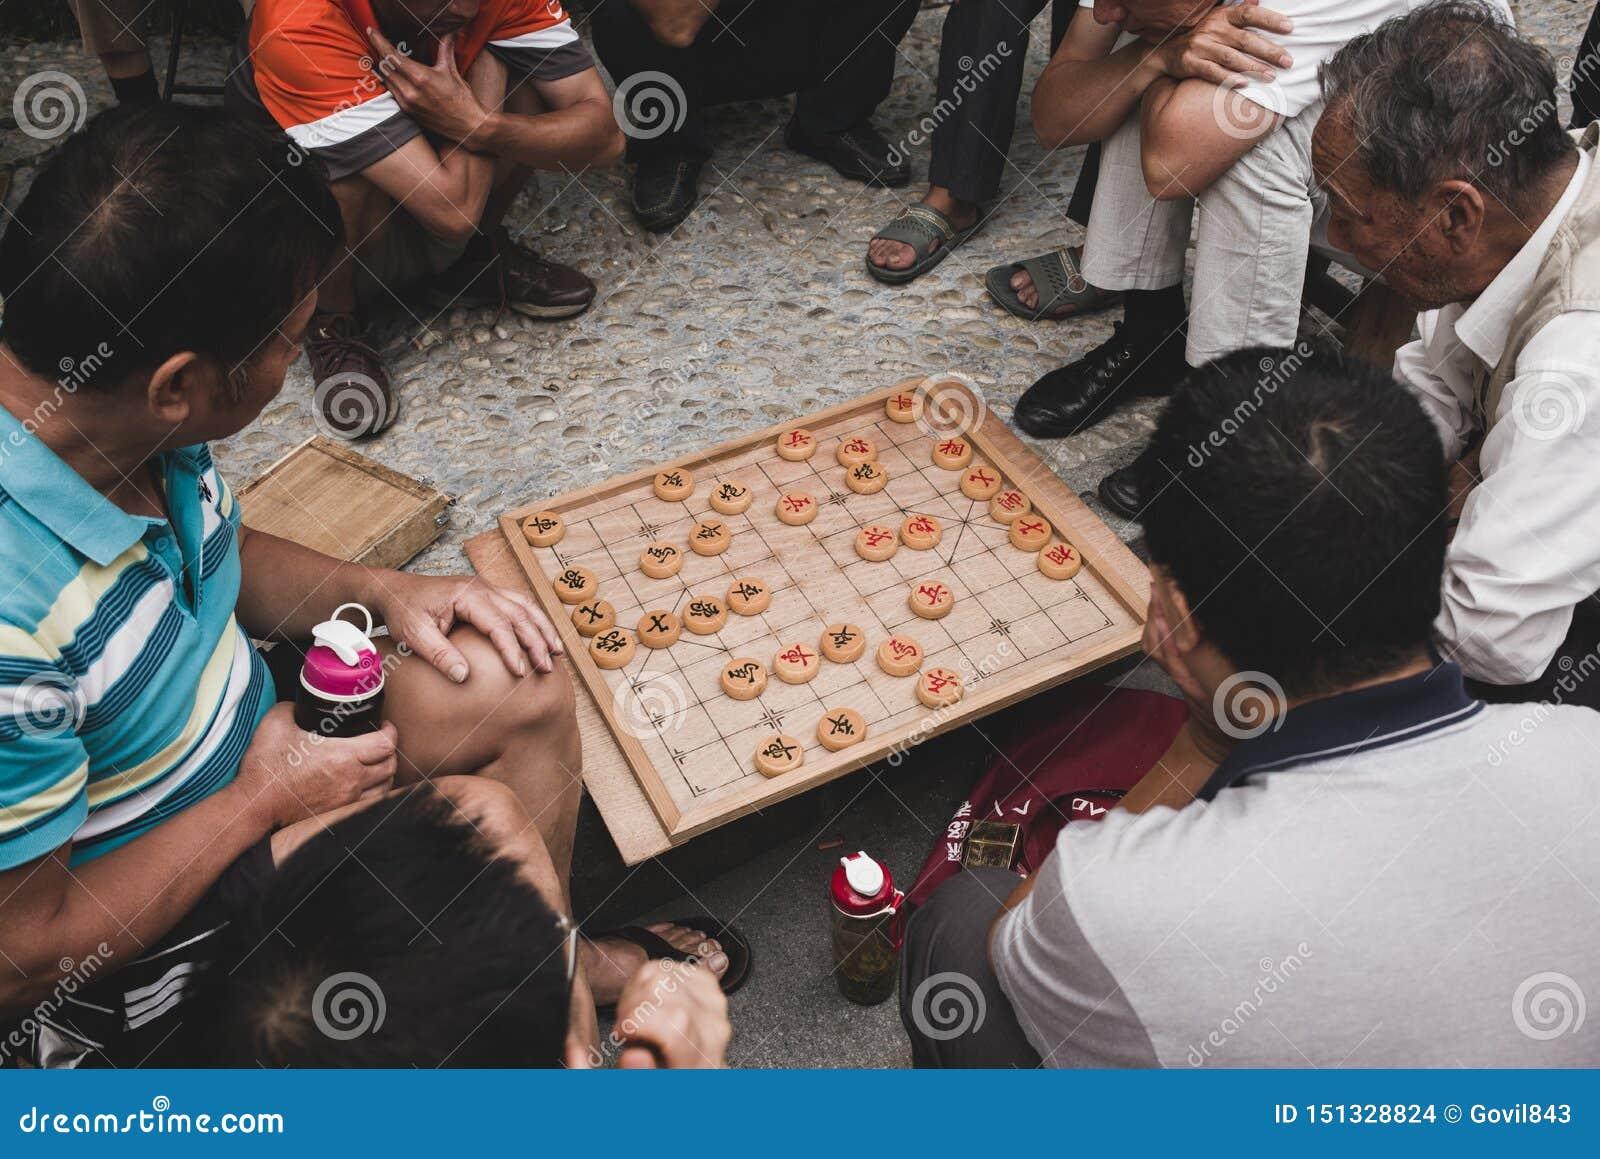 Alter Mann zwei, der chinesisches Schach xiangqi spielt